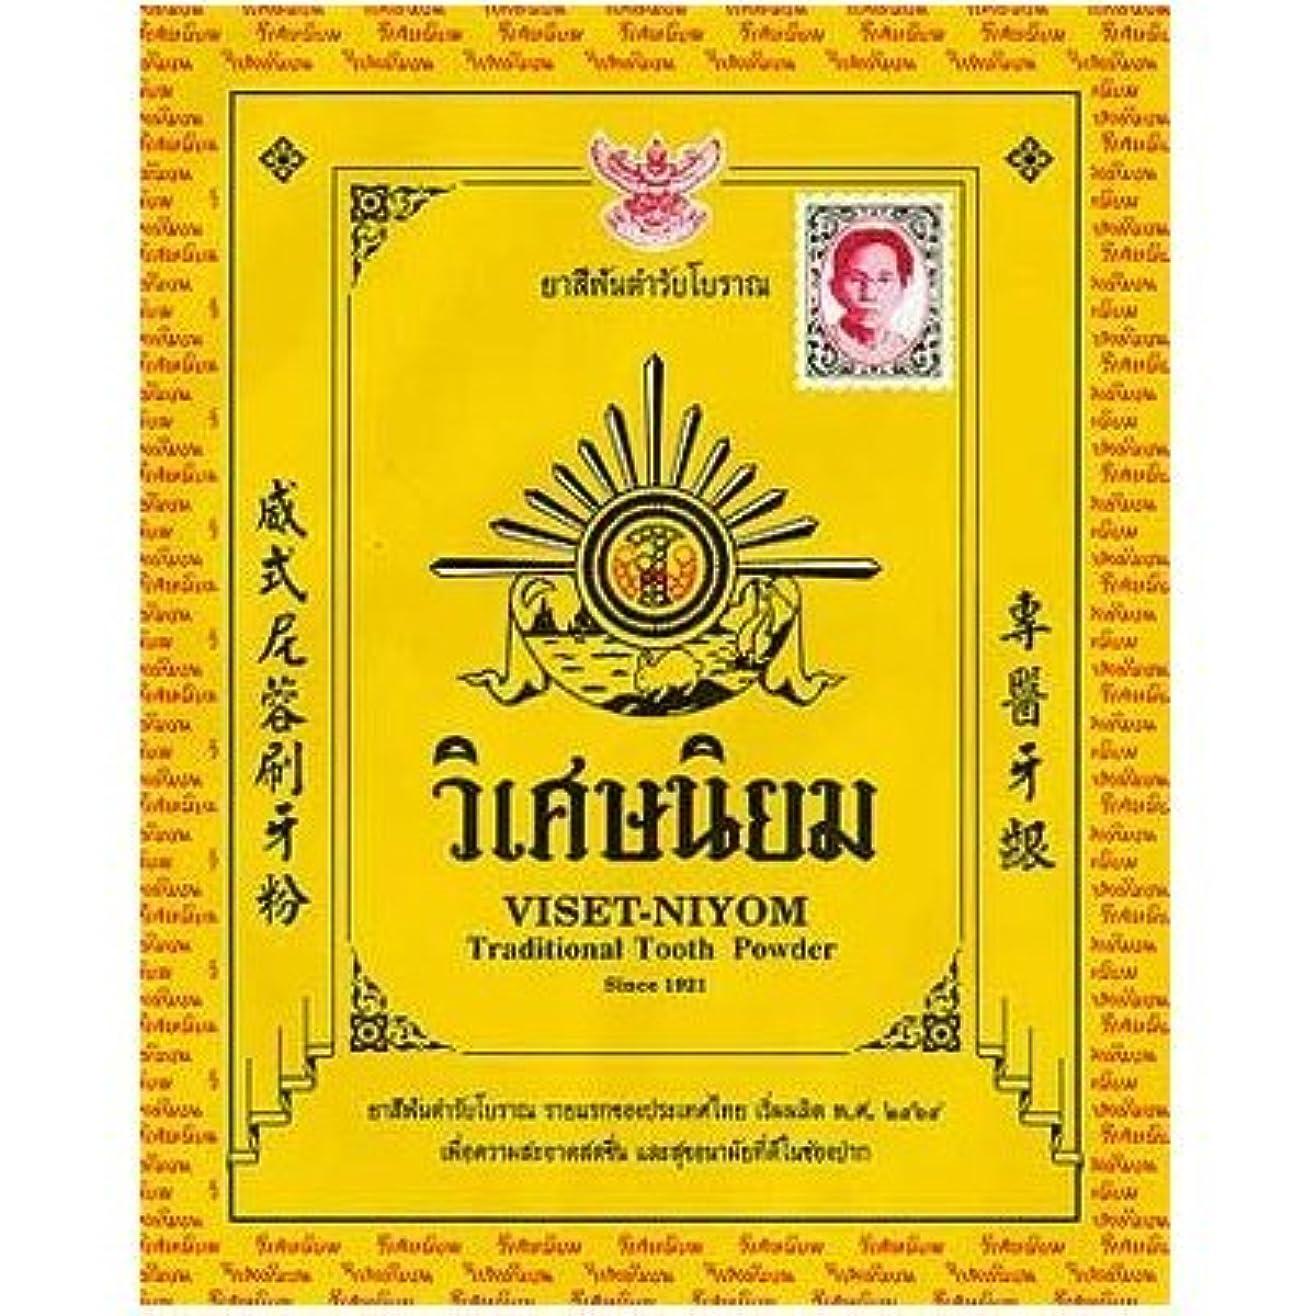 シガレットハング呼ぶThai Herbal Whitening Tooth Powder Original Thai Traditional Toothpaste 40 G. by Tooth Powder